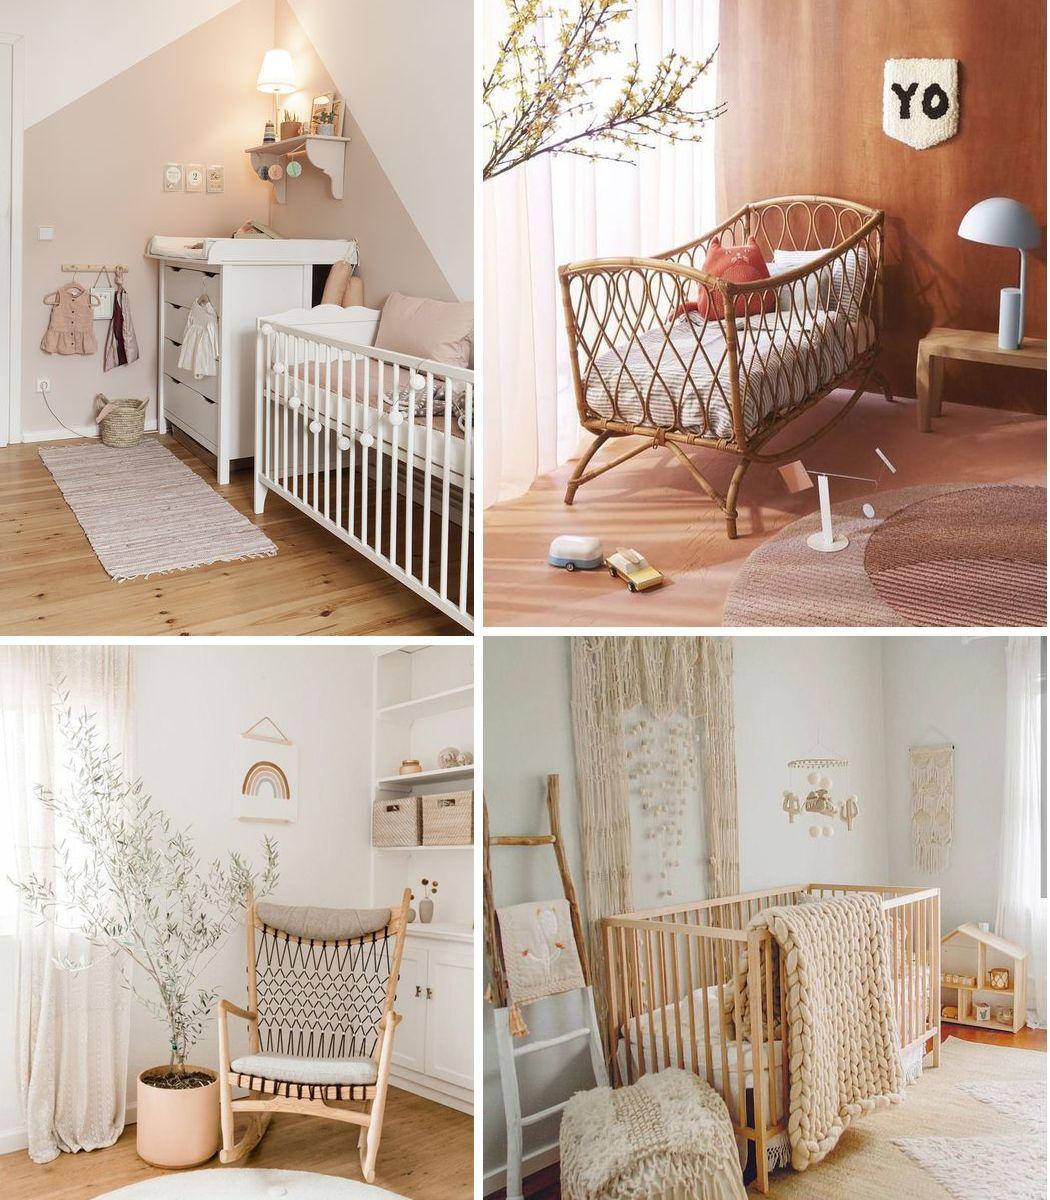 5 Astuces Pour Amenager Une Chambre De Bebe Cocooning Chambre